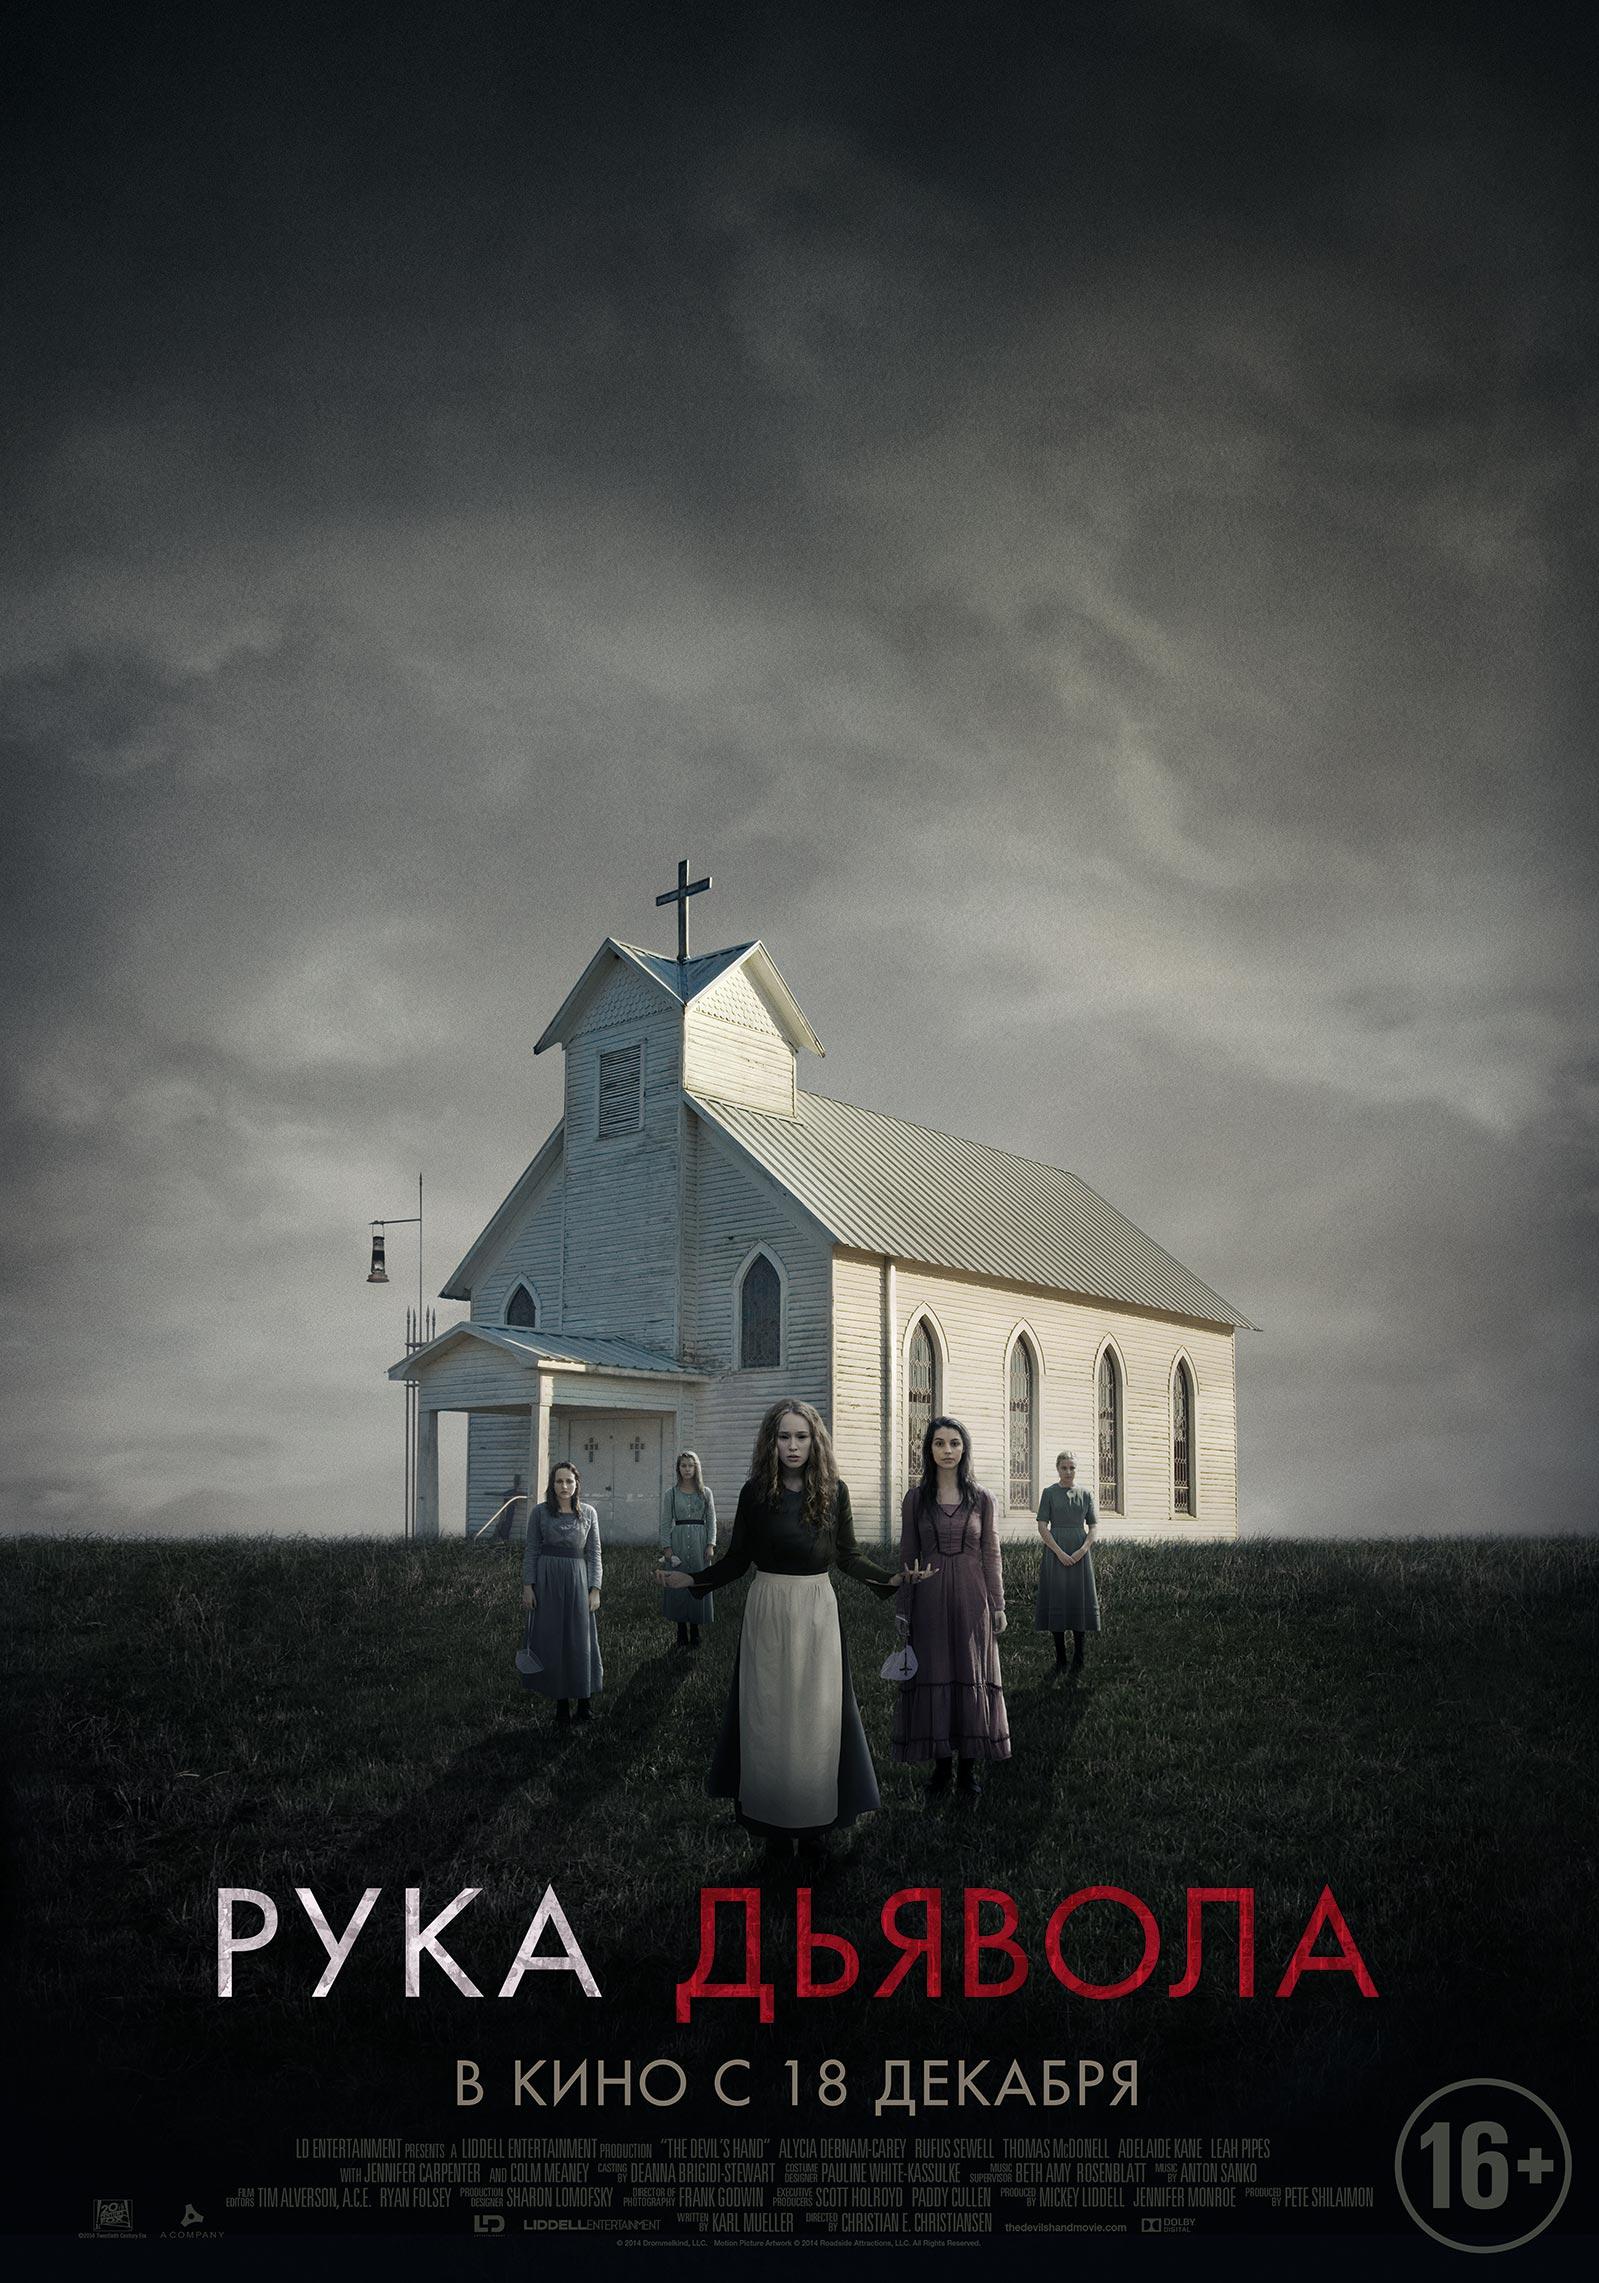 Рука Дьявола (фильм, 2014) — Википедия